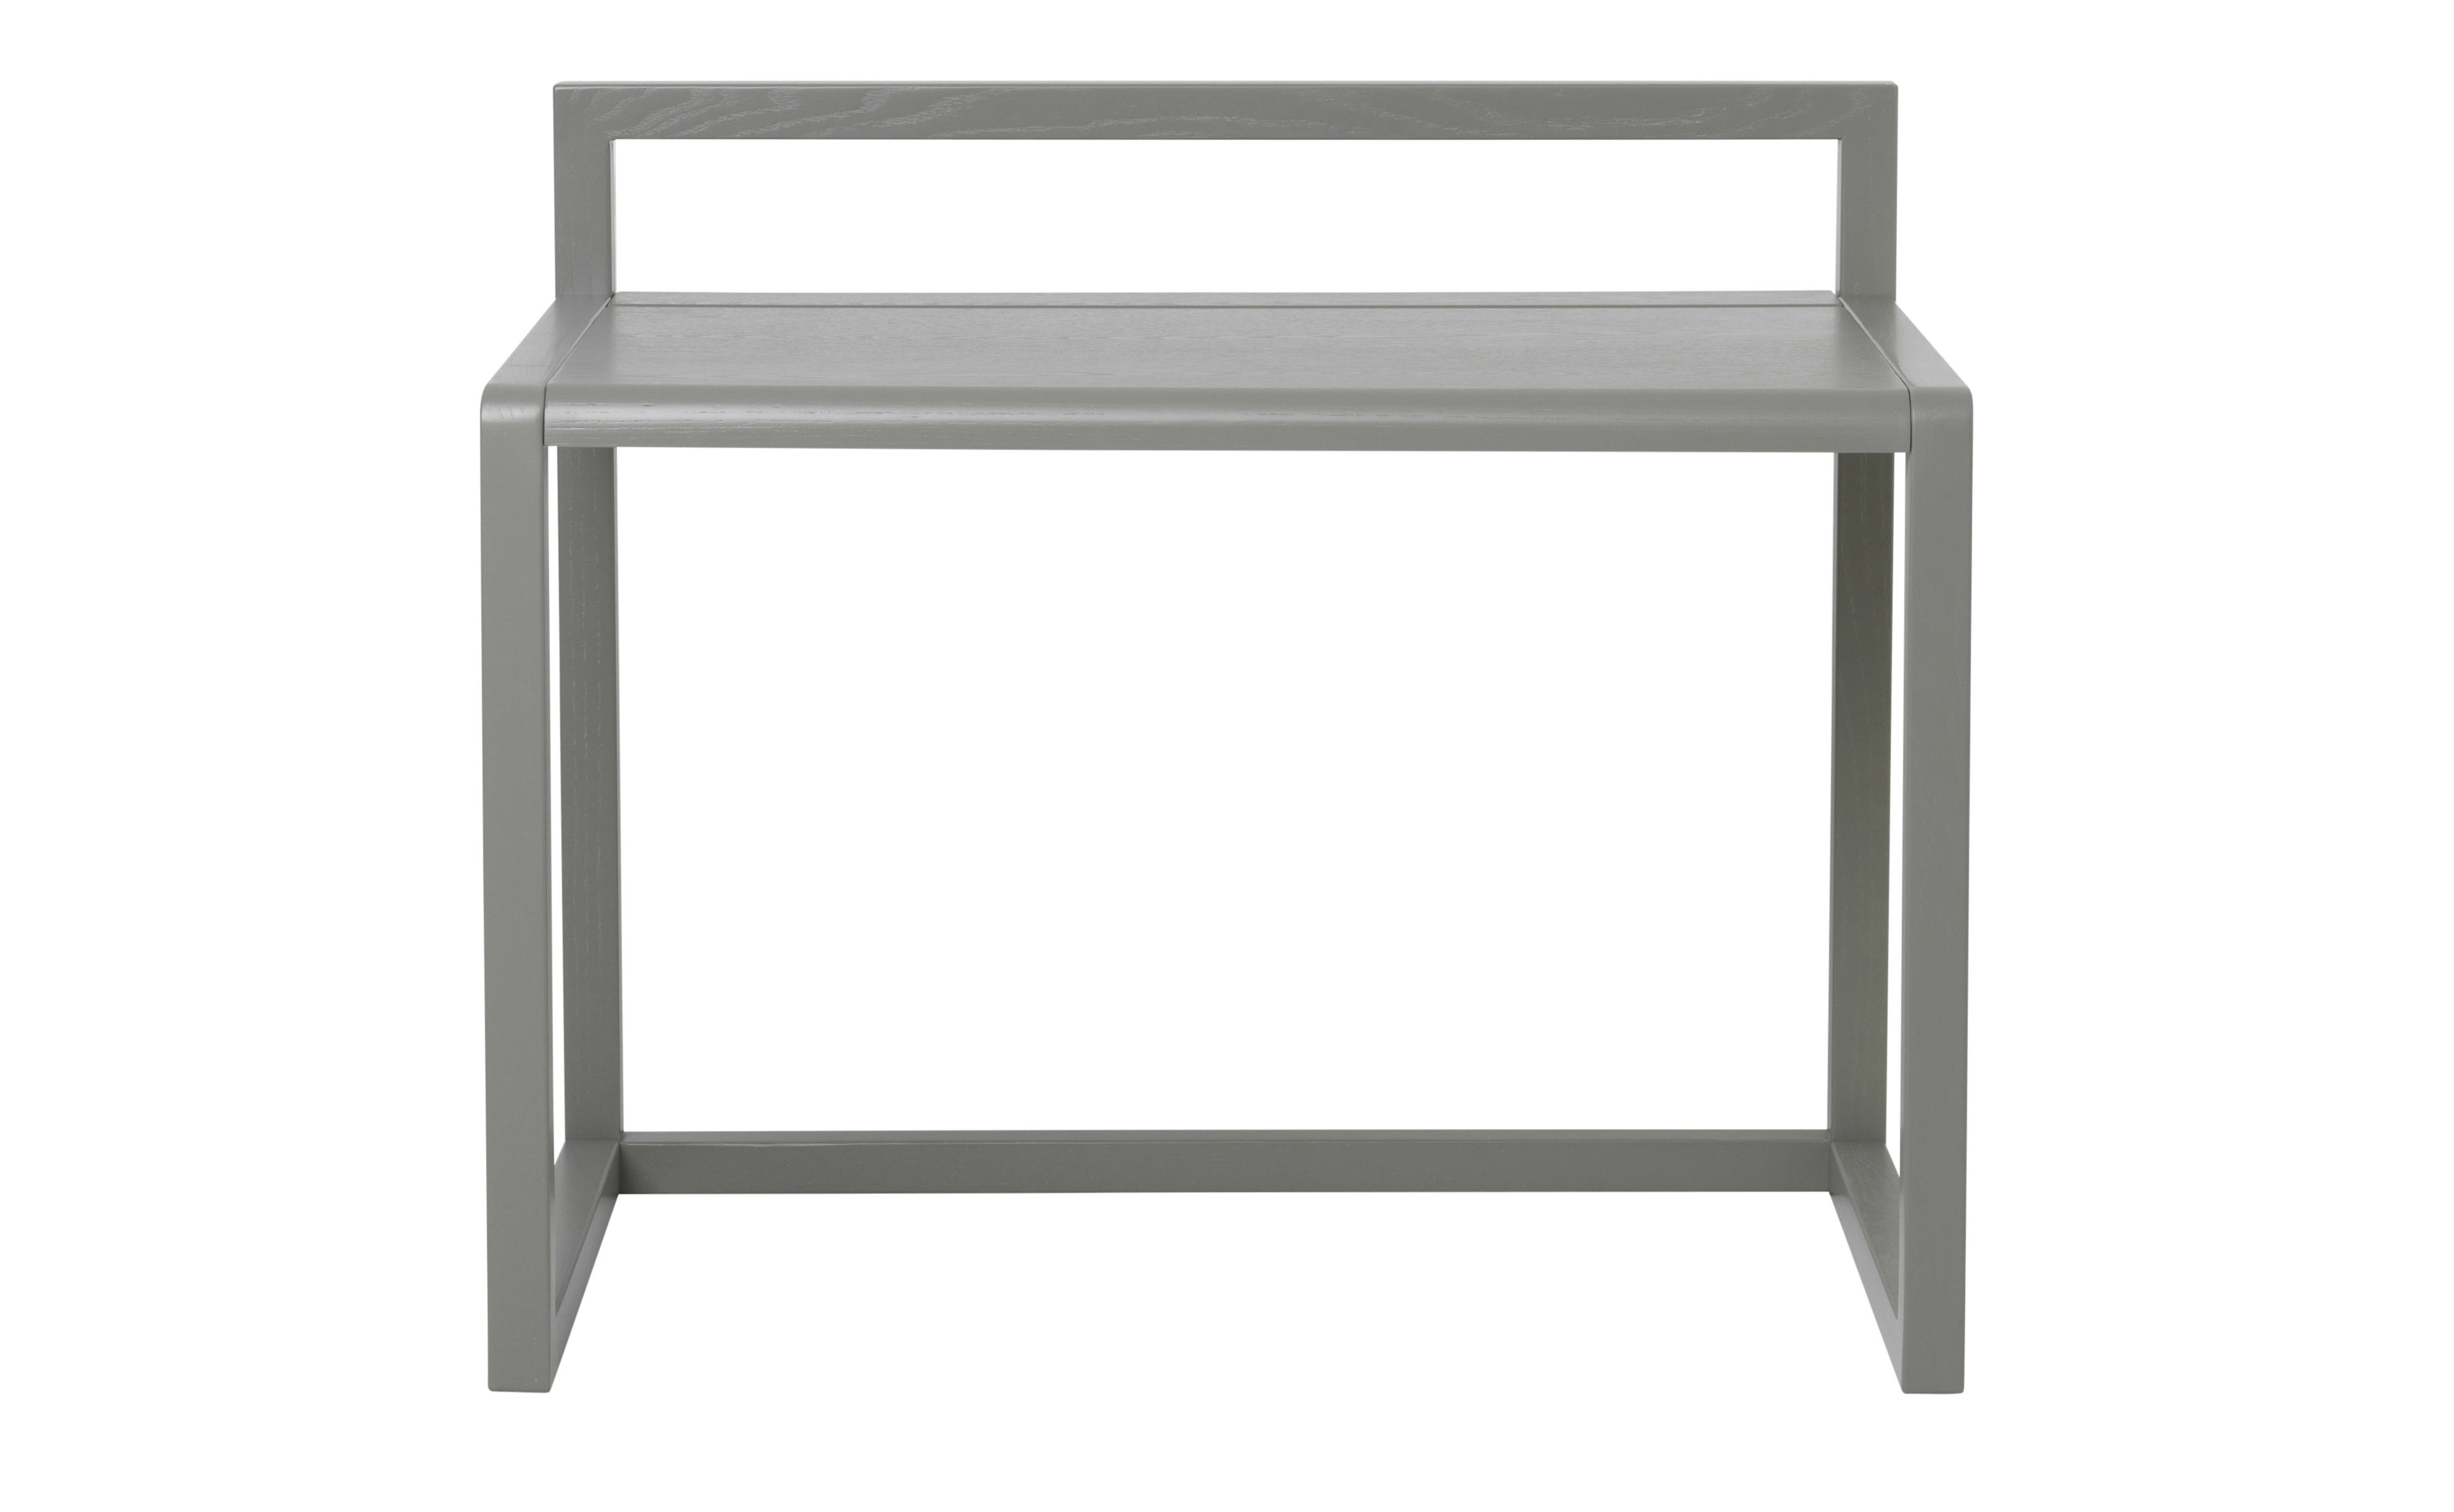 Bureau enfant little architect bois l 70 cm gris for Bureau 70 cm diep